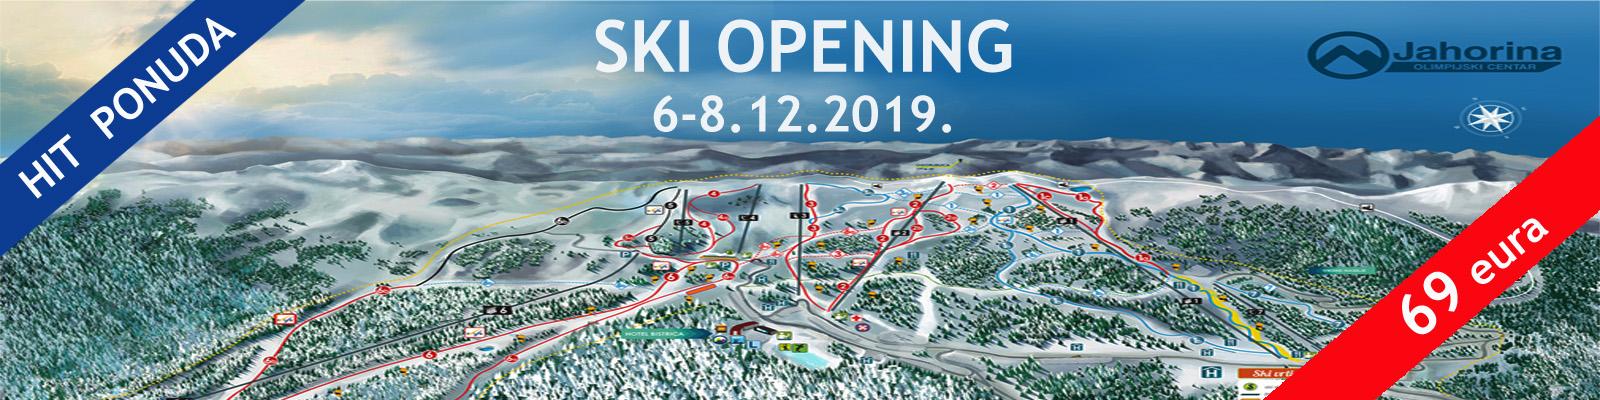 Jahorina ski opening baner